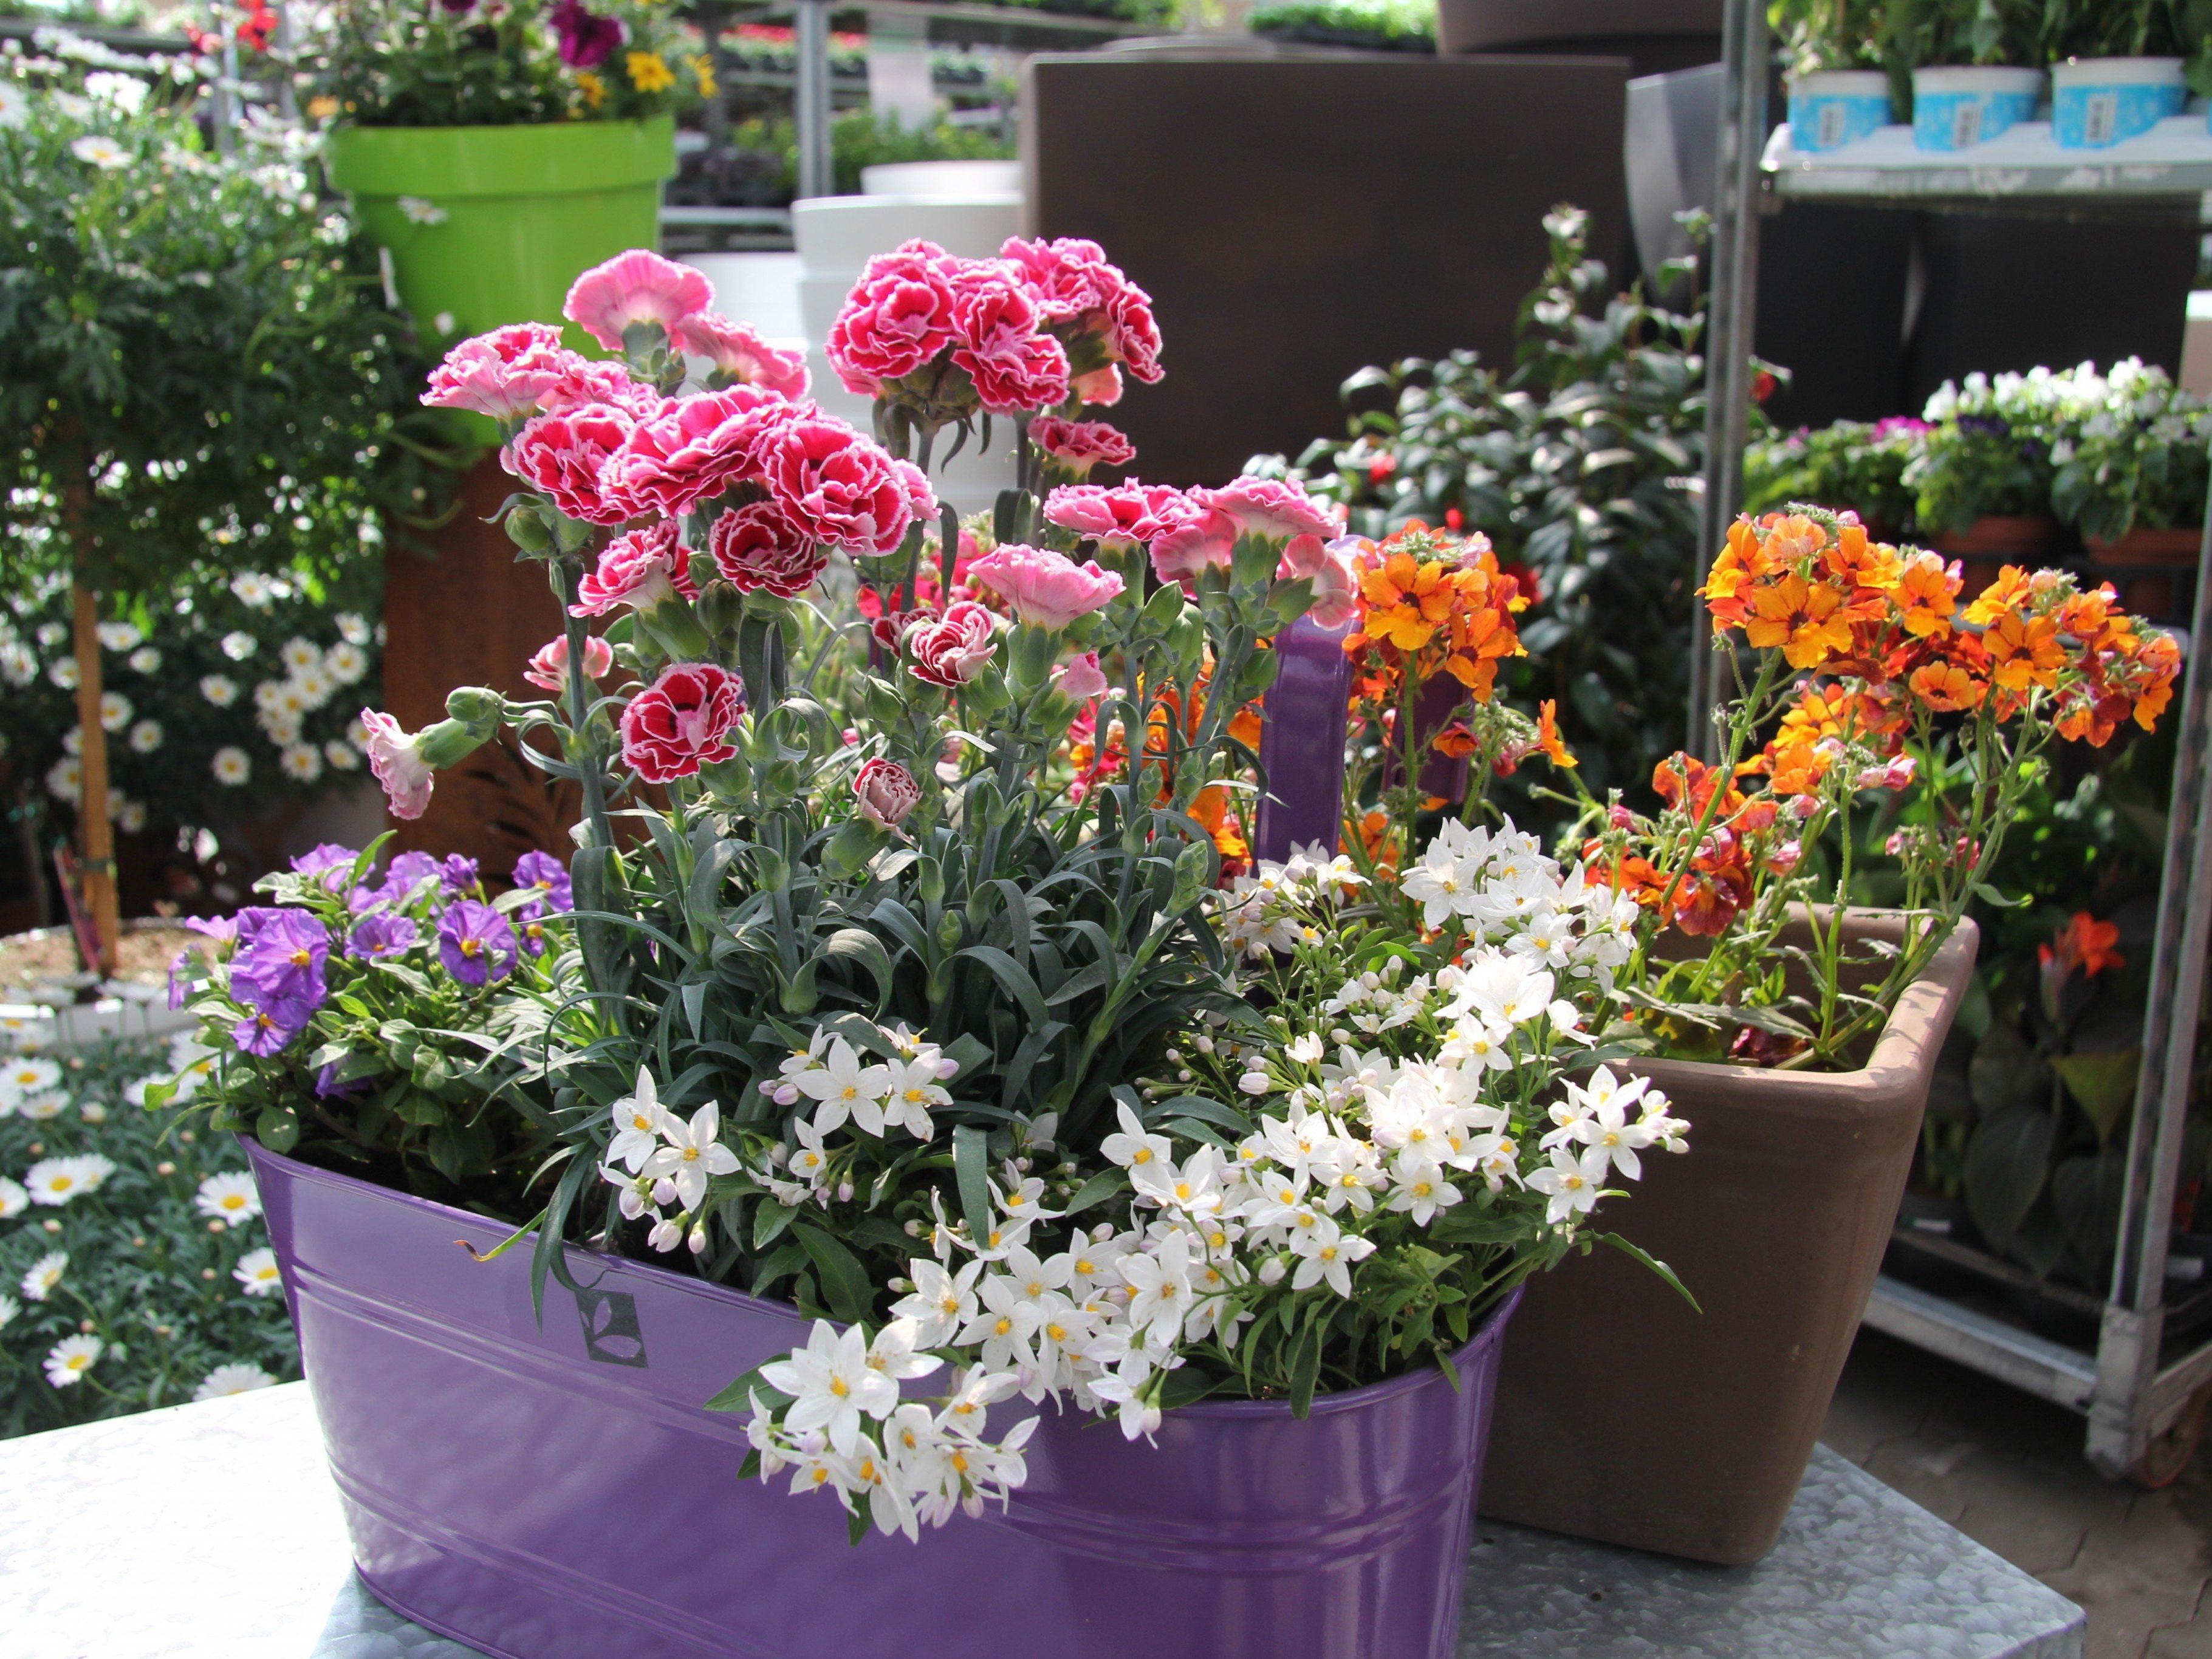 Der Baywa Gartentipp Auf Vol At Die Balkonblumen Garten Vol At